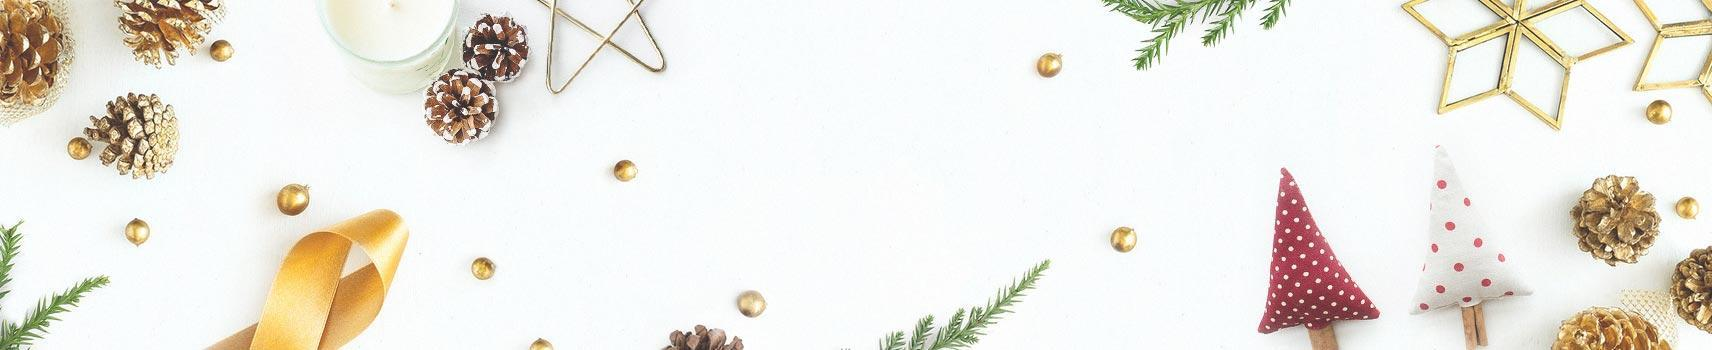 Wzory świąteczne | Sklep internetowy Jullita Fashion Med